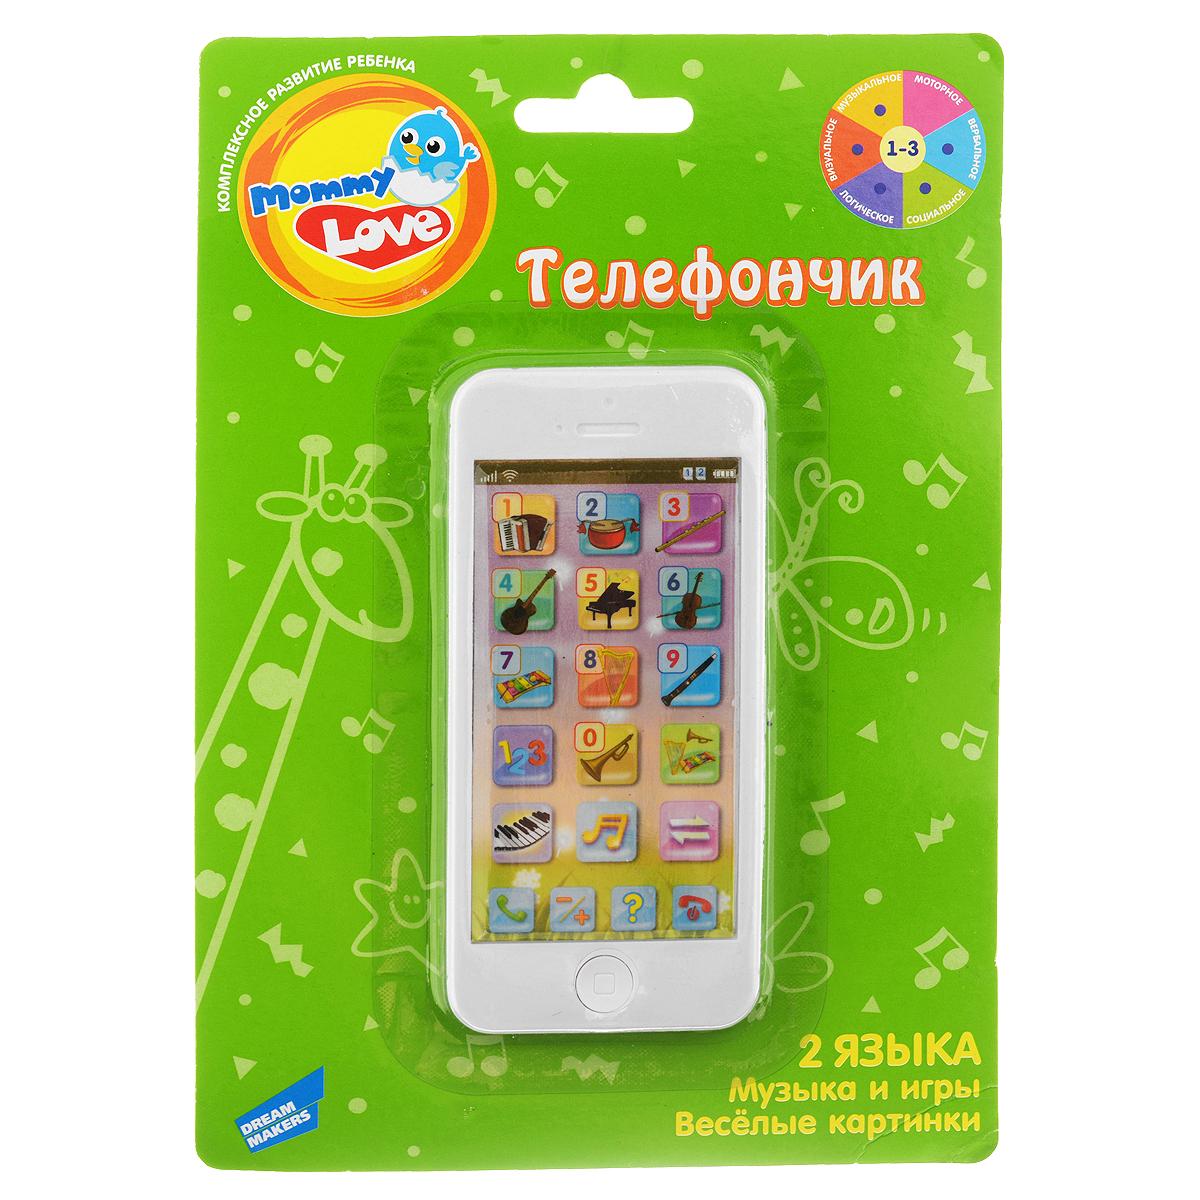 Развивающая игрушка Mommy Love Телефончик, цвет: белый82032_белыйМузыкальная игрушка Mommy Love Телефончик выполнена из пластика и стилизована под сенсорный телефон. На сенсорном дисплее плеера расположены кнопки выбора с изображениями предметов музыкальной тематики и цифр от 0 до 9, а также кнопки вызова, сброса и режимов. В нижней части плеера находится кнопка включения/выключения. Игрушка предусматривает следующие режимы: Цифры. При нажатии на кнопки произносится цифра и воспроизводится звуковой сигнал. 2. Ммузыкальные инструменты. При нажатии на кнопки произносится название того или иного музыкального инструмента. 3. Вопрос-ответ. При нажатии на кнопку ? ребенку называется цифра/предмет и предлагается выбрать правильный вариант ответа. Если ответ выбран верно, звучат аплодисменты, при ошибке телефон предлагает попробовать еще раз. 4. Сложение и вычитание цифр. При нажатии на кнопку -/+ малышу задается вопрос Сколько будет…? и предлагается выбрать правильный вариант ответа. 5. Мелодии. При нажатии на...